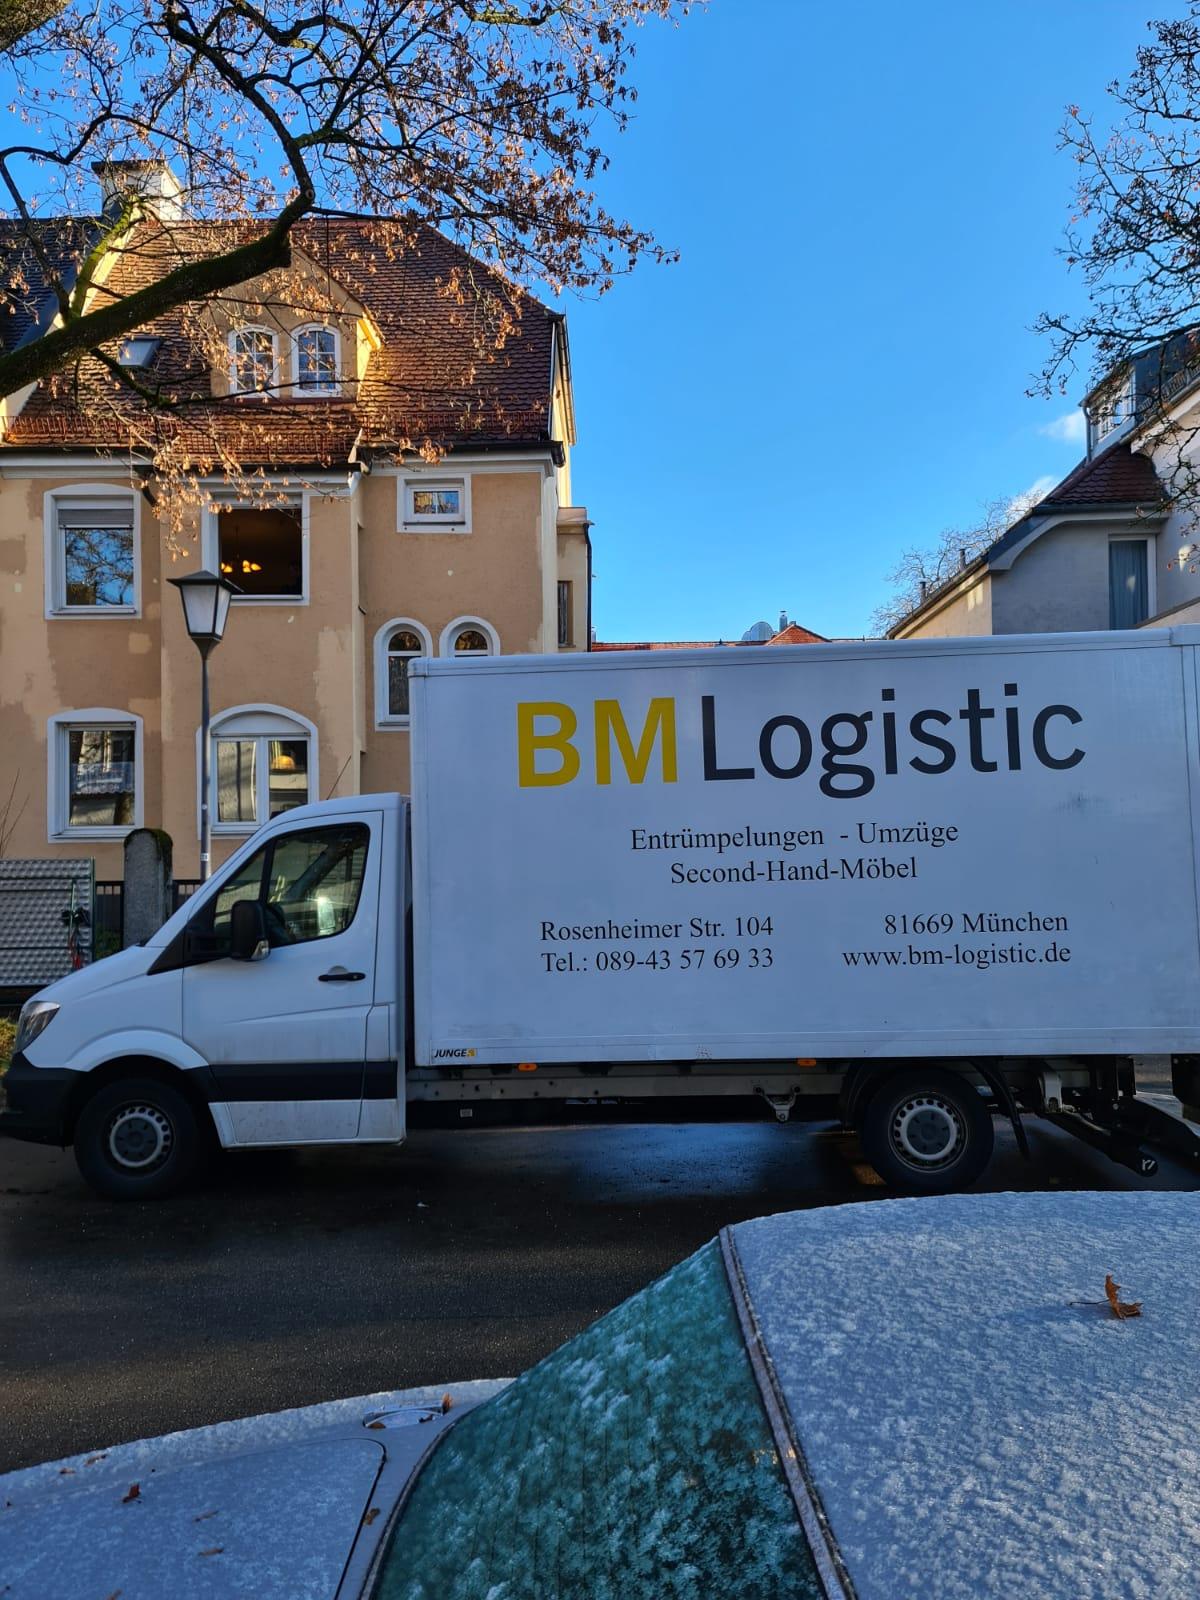 Impressum Entrümpelung, Umzug und Wohnungsauflösung in München. Haushaltsauflösung Sperrmüllentsorgung und Entrümpelungsfirma